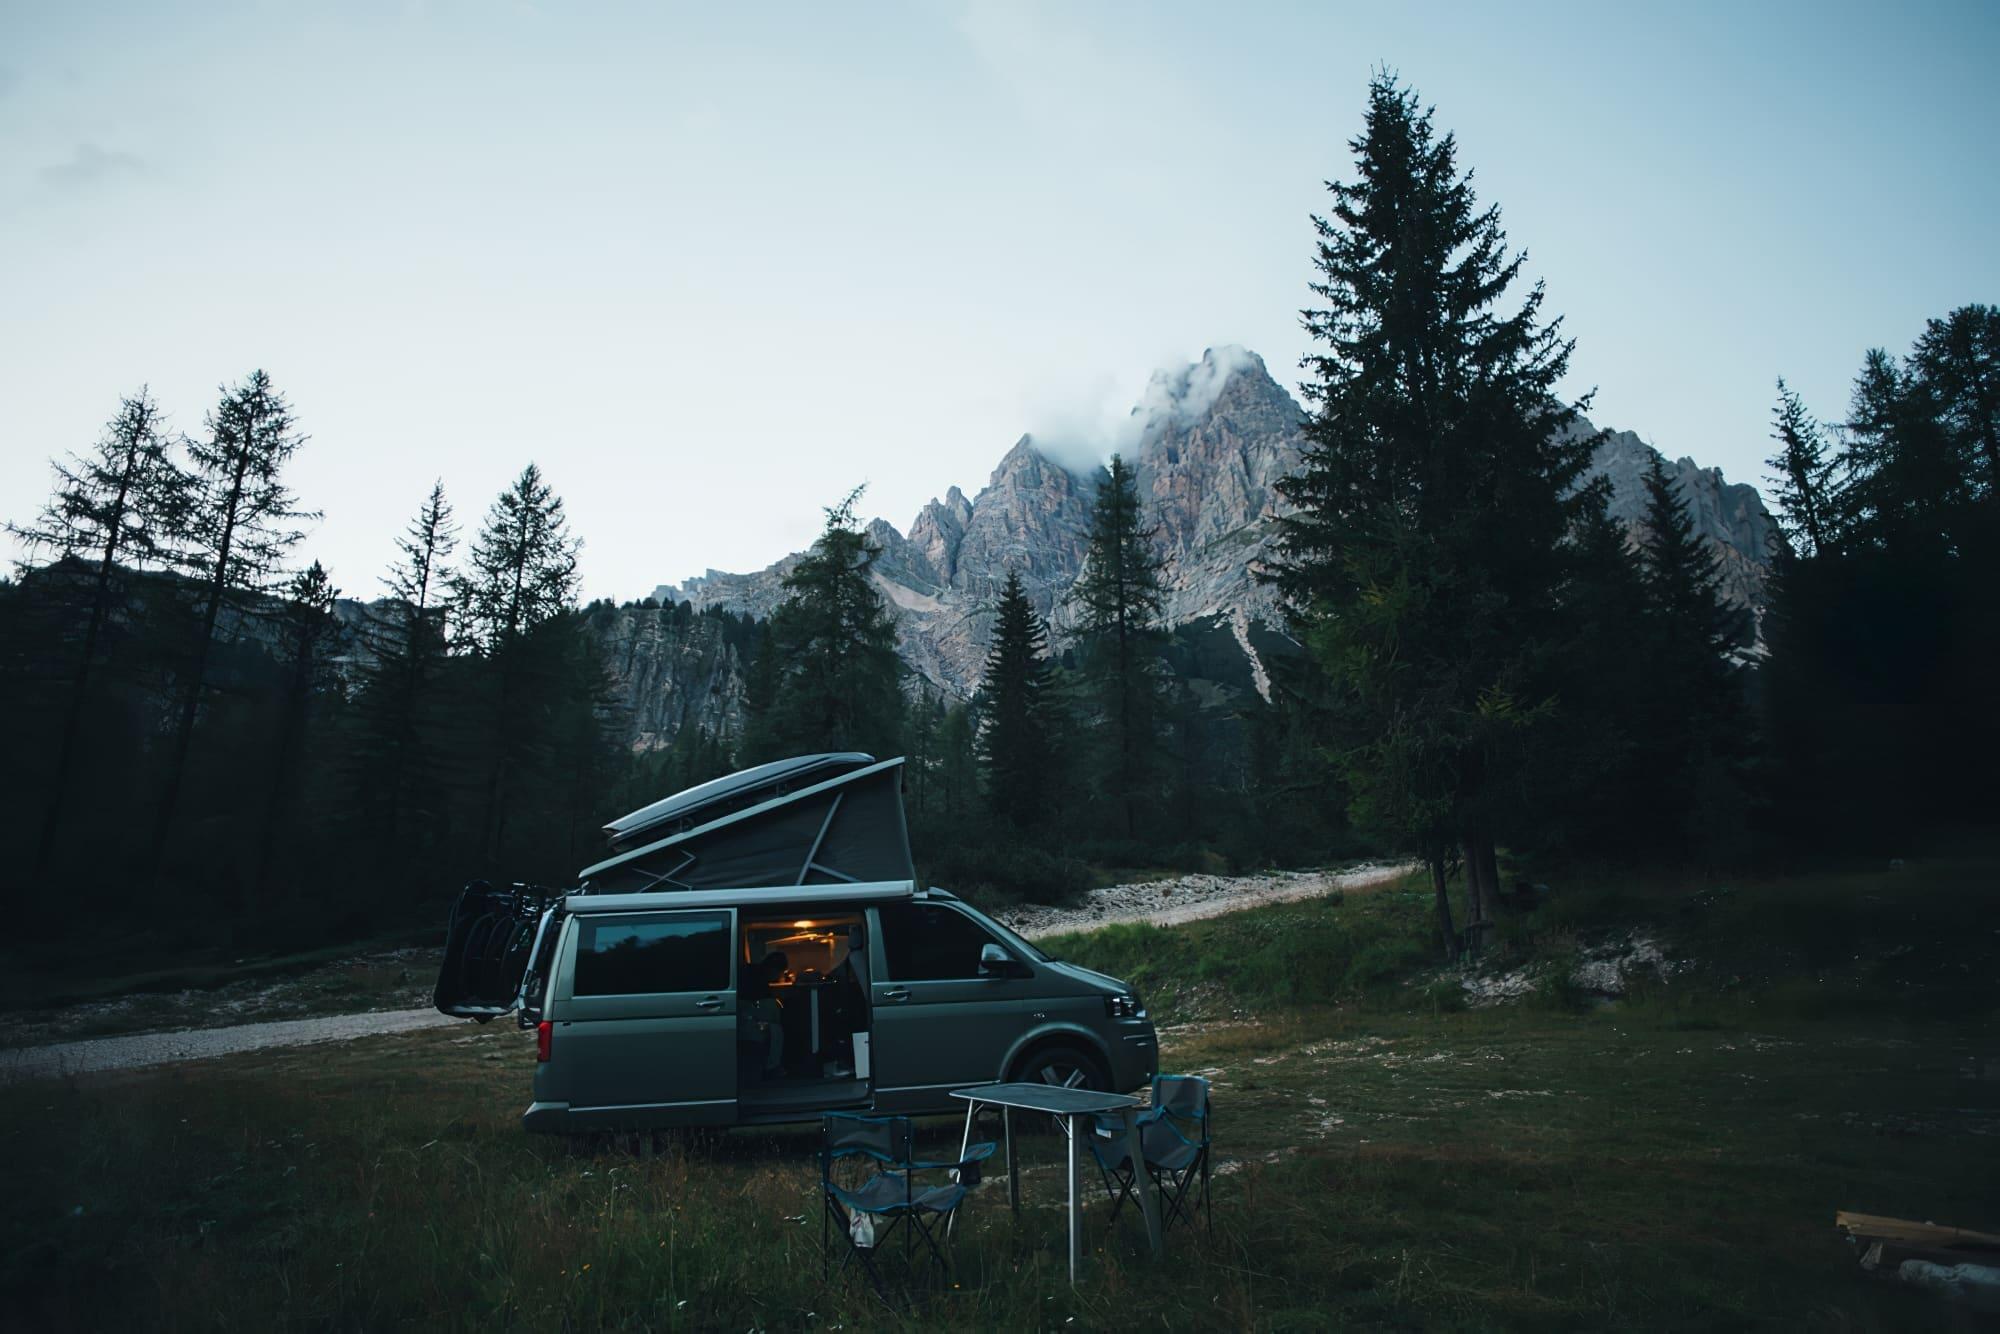 Van ou fourgon aménagé, Camping-car